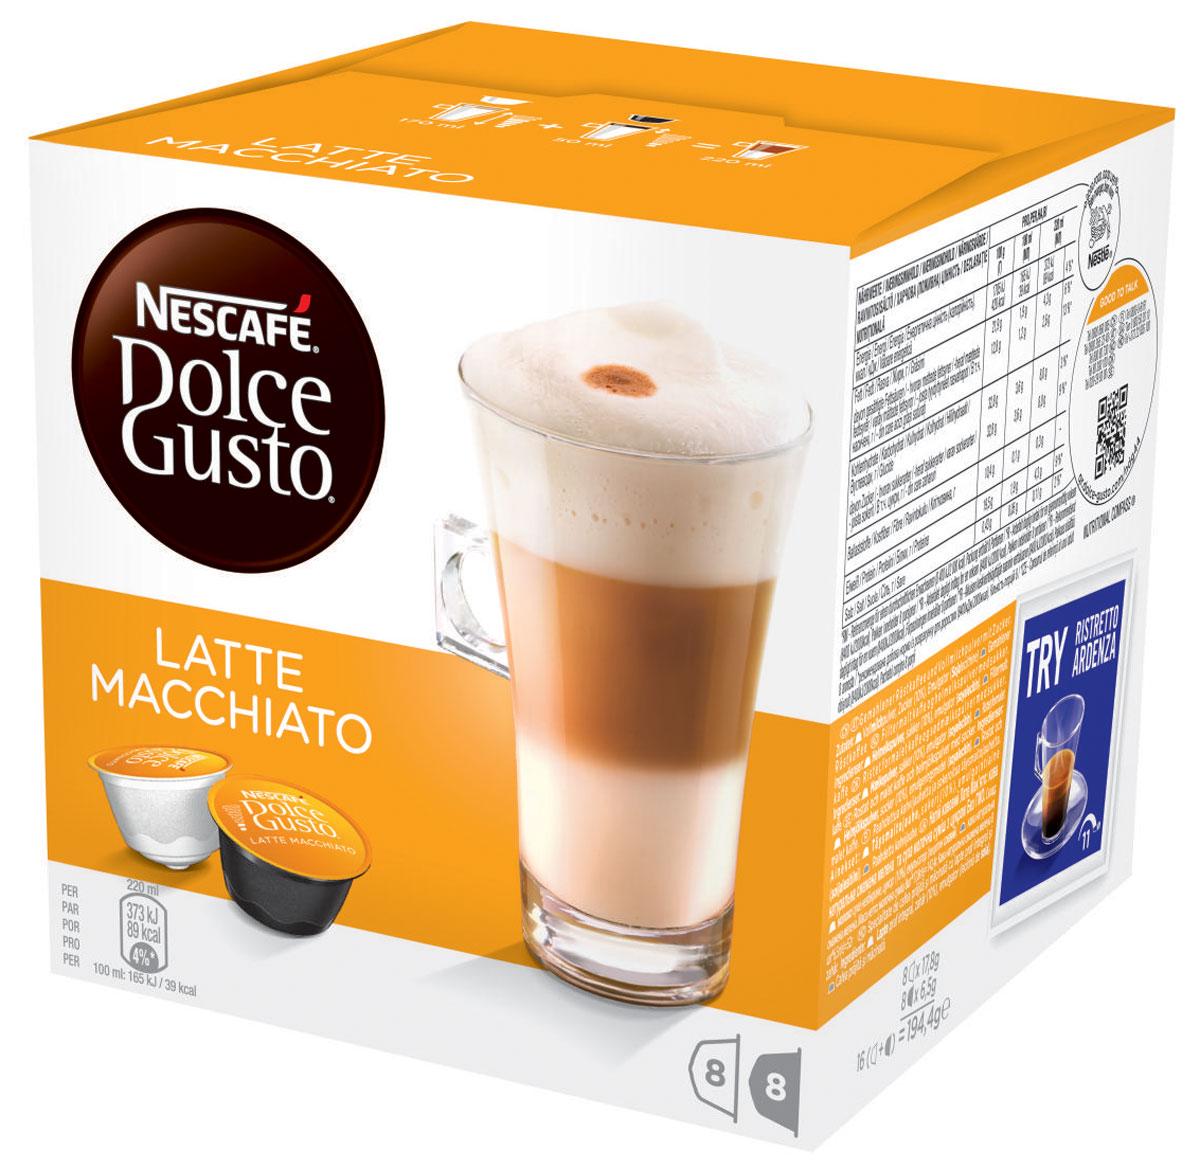 Nescafe Dolce Gusto Latte Macchiato кофе в капсулах, 16 шт5219838Nescafe Dolce Gusto Latte Macchiato – перевернутый вверх дном латте с небольшой изюминкой. Великолепный, мягкий, со сладковатыми оттенками, капсульный Latte Macchiato превращается в удивительный напиток, который будет восхищать вас каждый раз. Молоко цвета бисквита в качестве нижнего слоя, переходящее в более темный слой кофе, создаст атмосферу настоящего праздника. Latte Macchiato с итальянского переводится как подкрашенное молоко. Эспрессо наливается поверх молока, создавая своеобразный слоистый узор, который ни с чем не спутаешь, и затем переходит в изысканную молочную пену. Latte Macchiato украшается элегантной темной кофейной точкой в качестве легко узнаваемой подписи. Вам не нужно далеко ходить, чтобы выпить такой красивый и вкусный кофе, потому что ваша кофемашина Nescafe Dolce Gusto способна создать напиток на уровне кофейни прямо у вас на кухне. Latte Macchiato поможет вам насладиться минутами для себя или же вызовет восхищение в компании ...